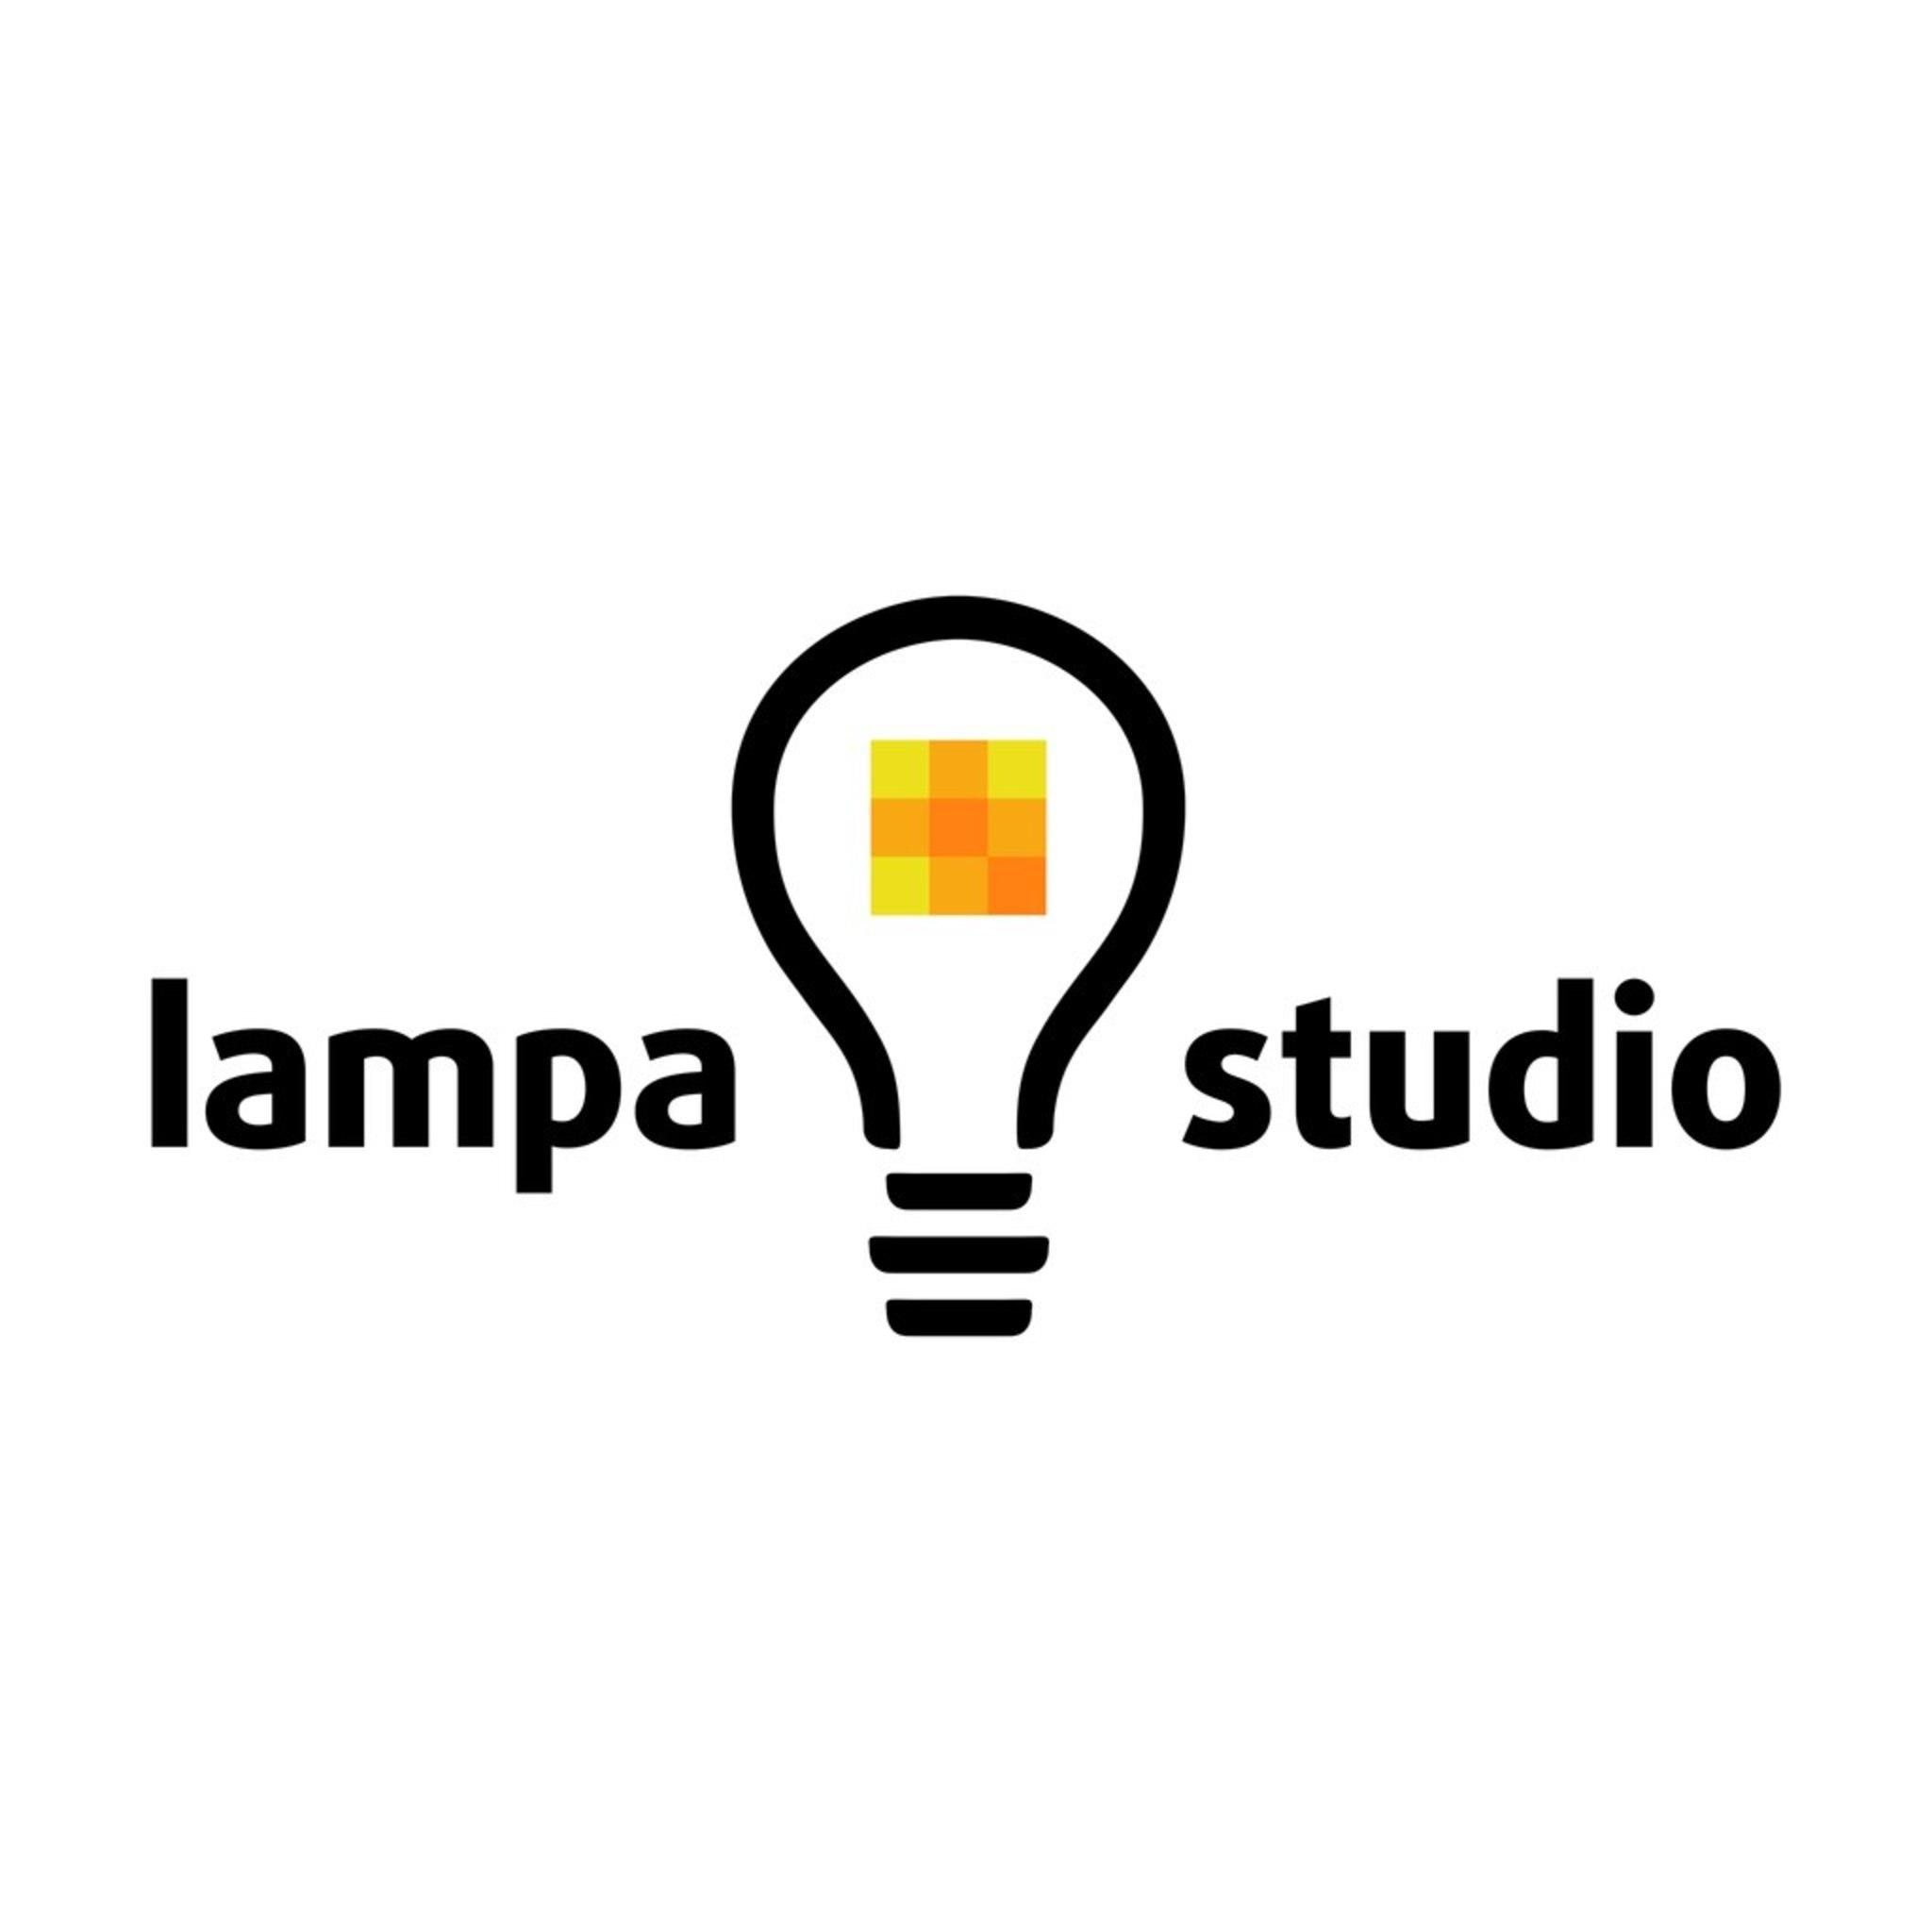 Studio lampa